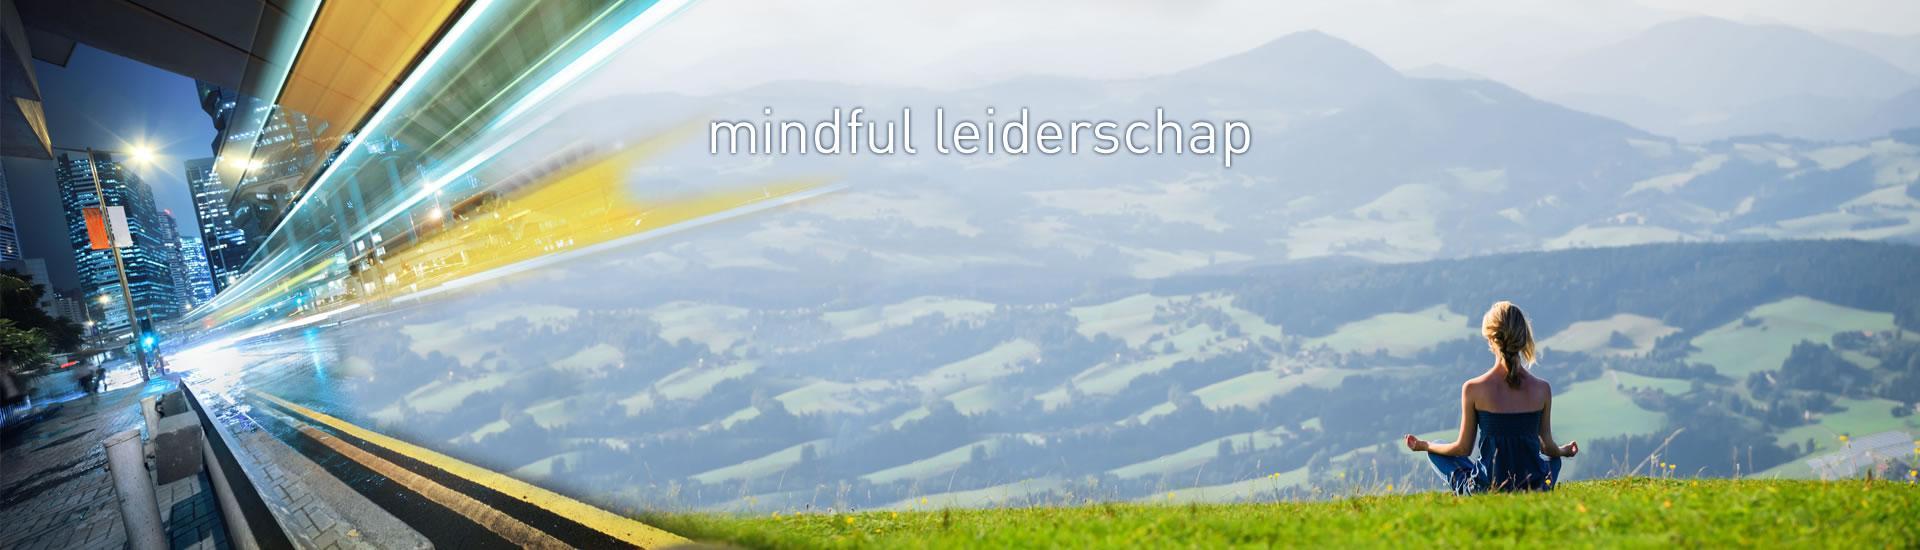 mindful-leiderschap3